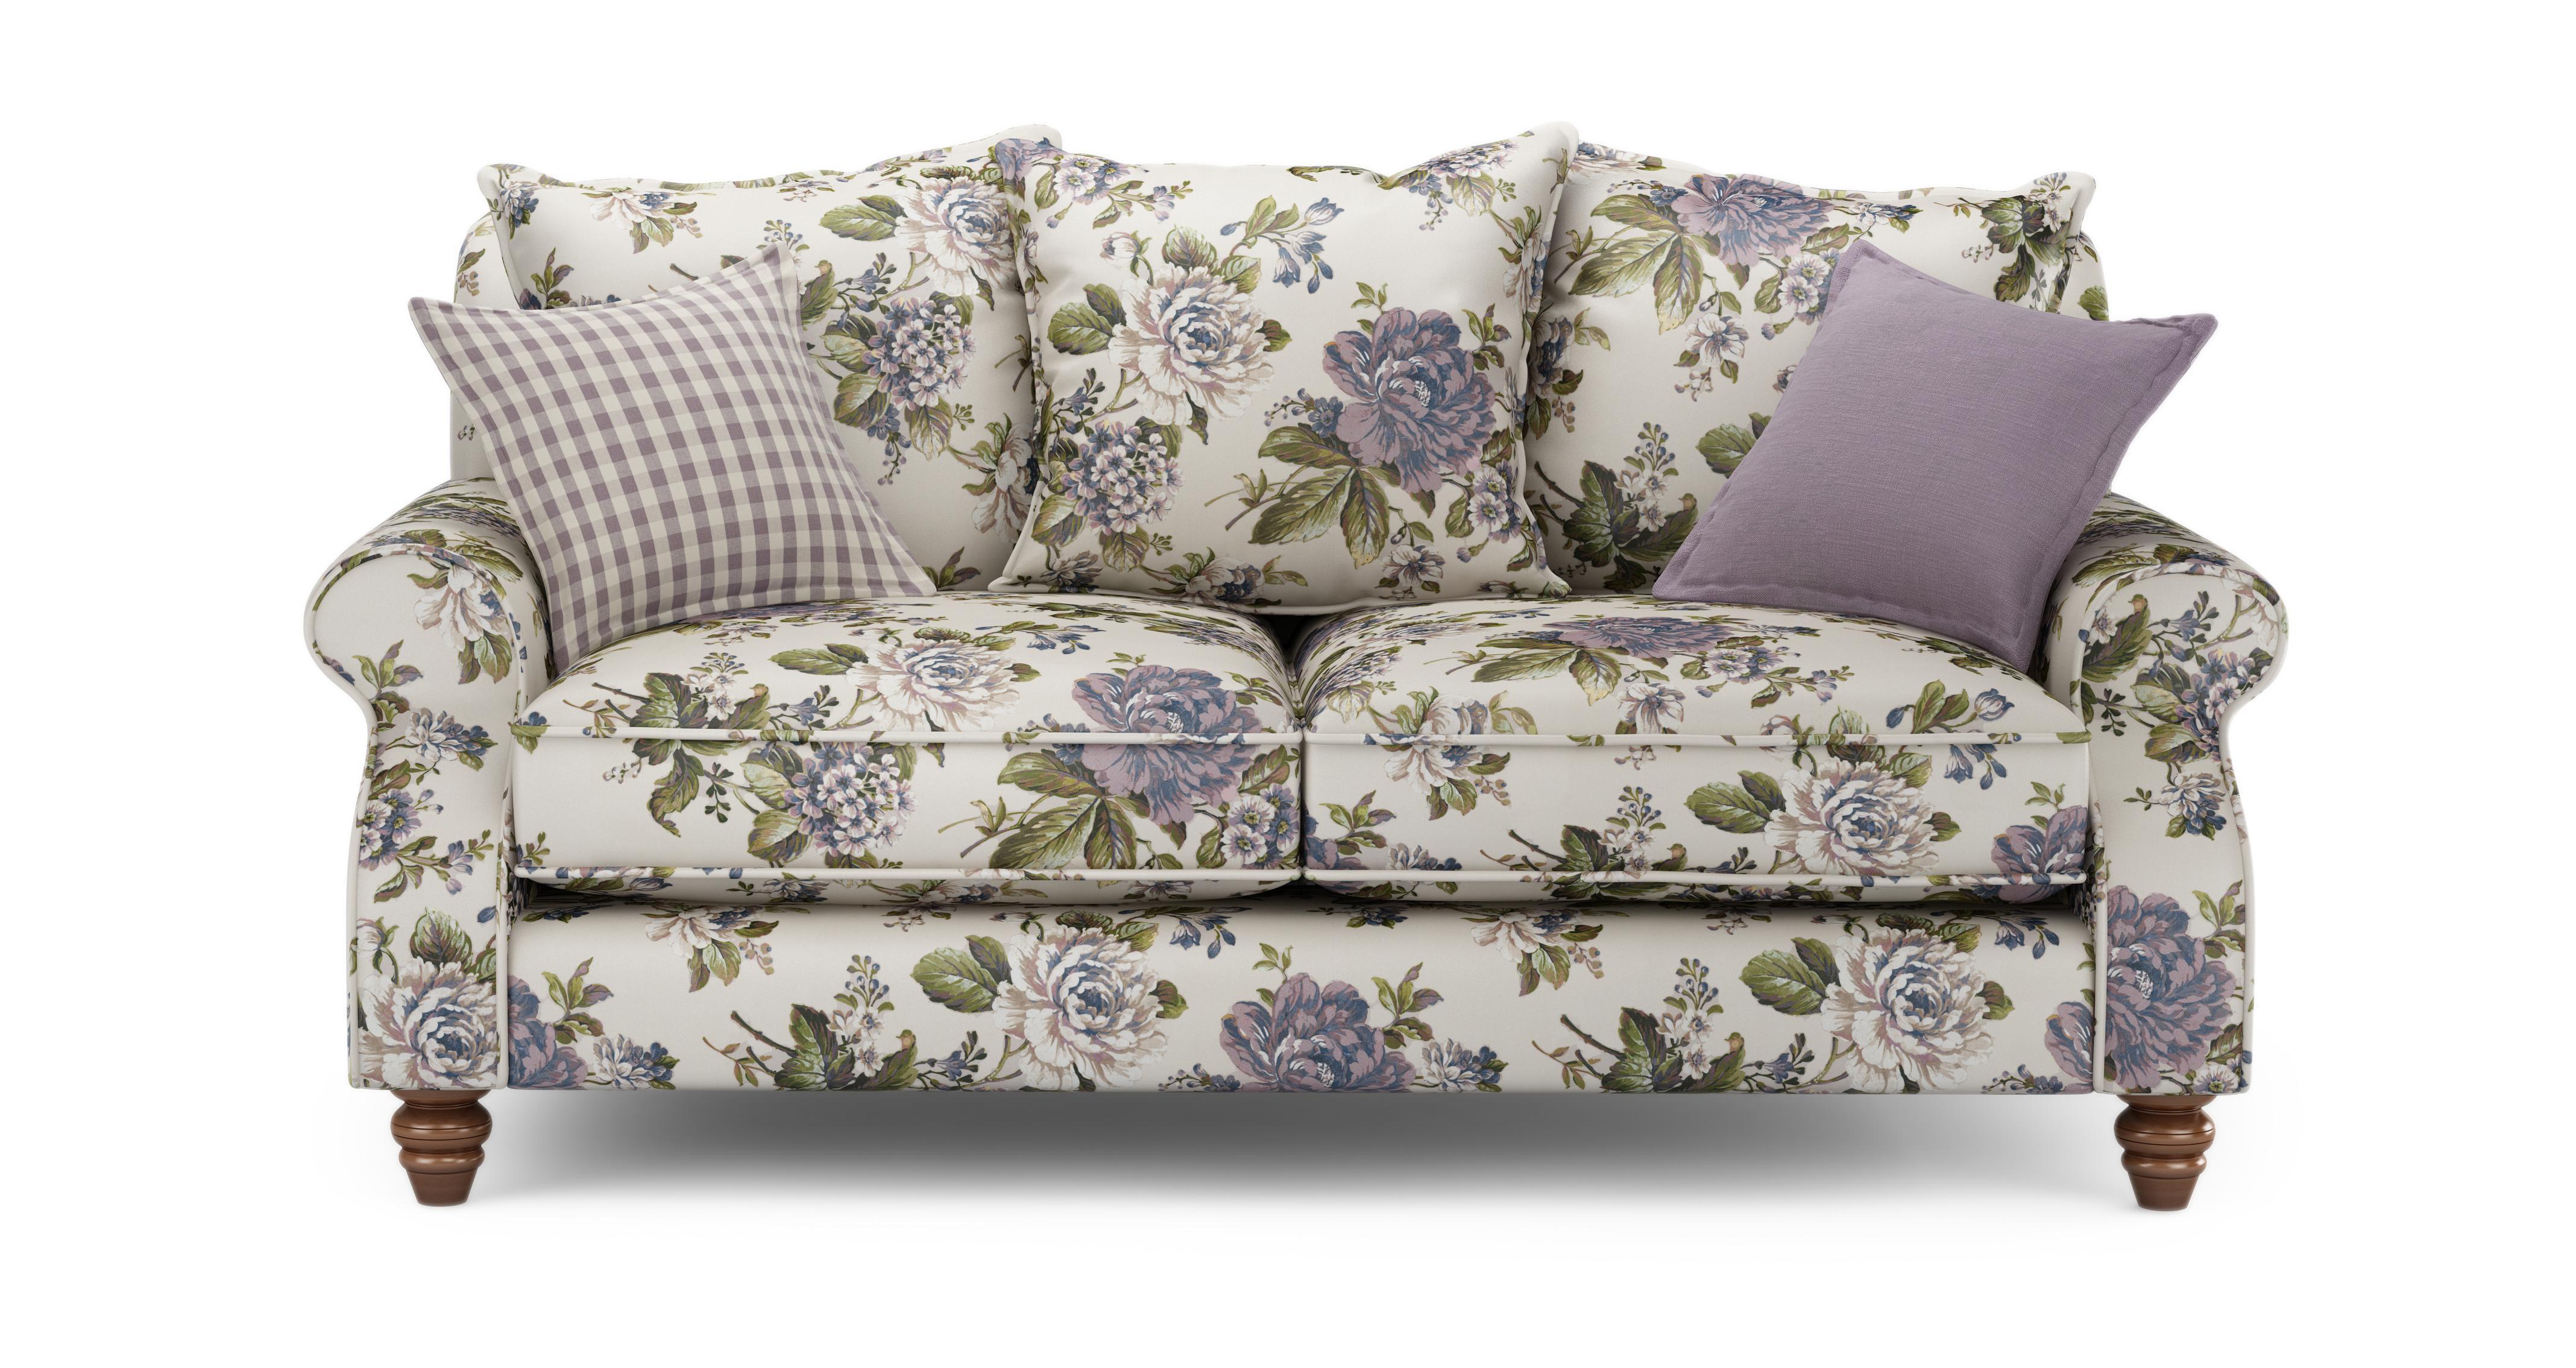 Ellie Floral 2 Seater Sofa Ellie Floral Dfs